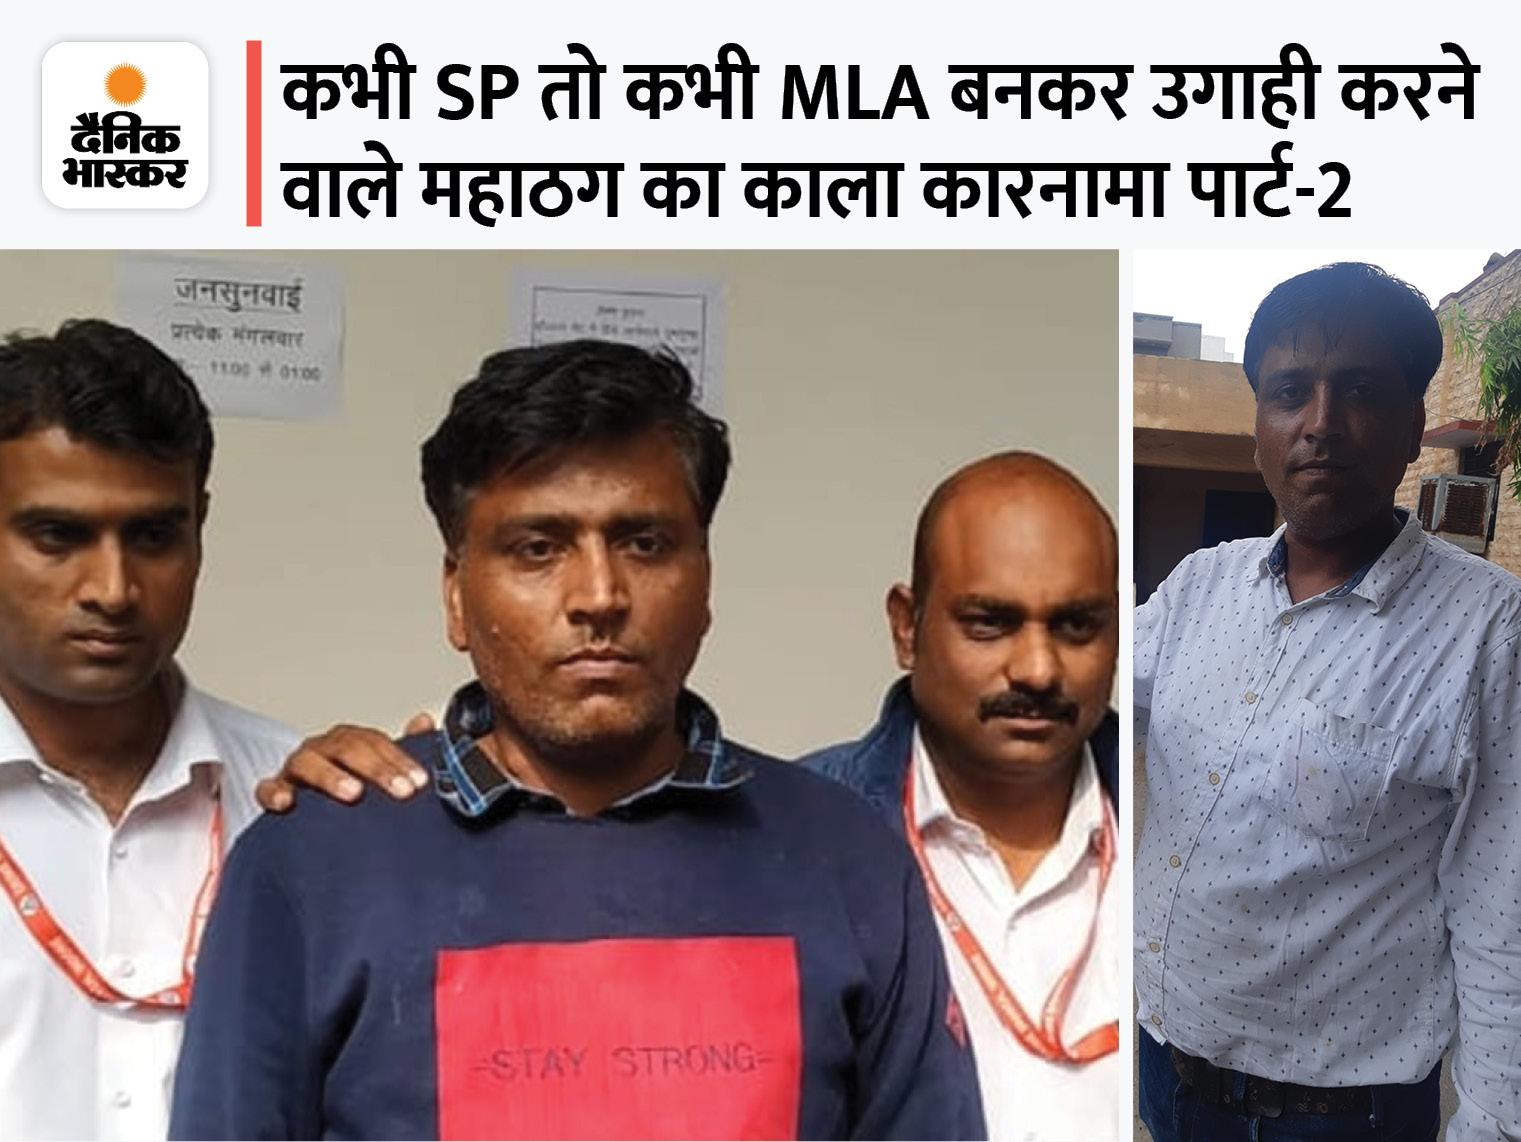 गहलोत के बेटे के नाम से निकलवाई AUDI; जेल में बंद था तो जेलर के रिश्तेदार से 6 लाख रु. ठगे, लोगों की हूबहू आवाज निकाल लेता है 8वीं पास भेराराम|जयपुर,Jaipur - Dainik Bhaskar